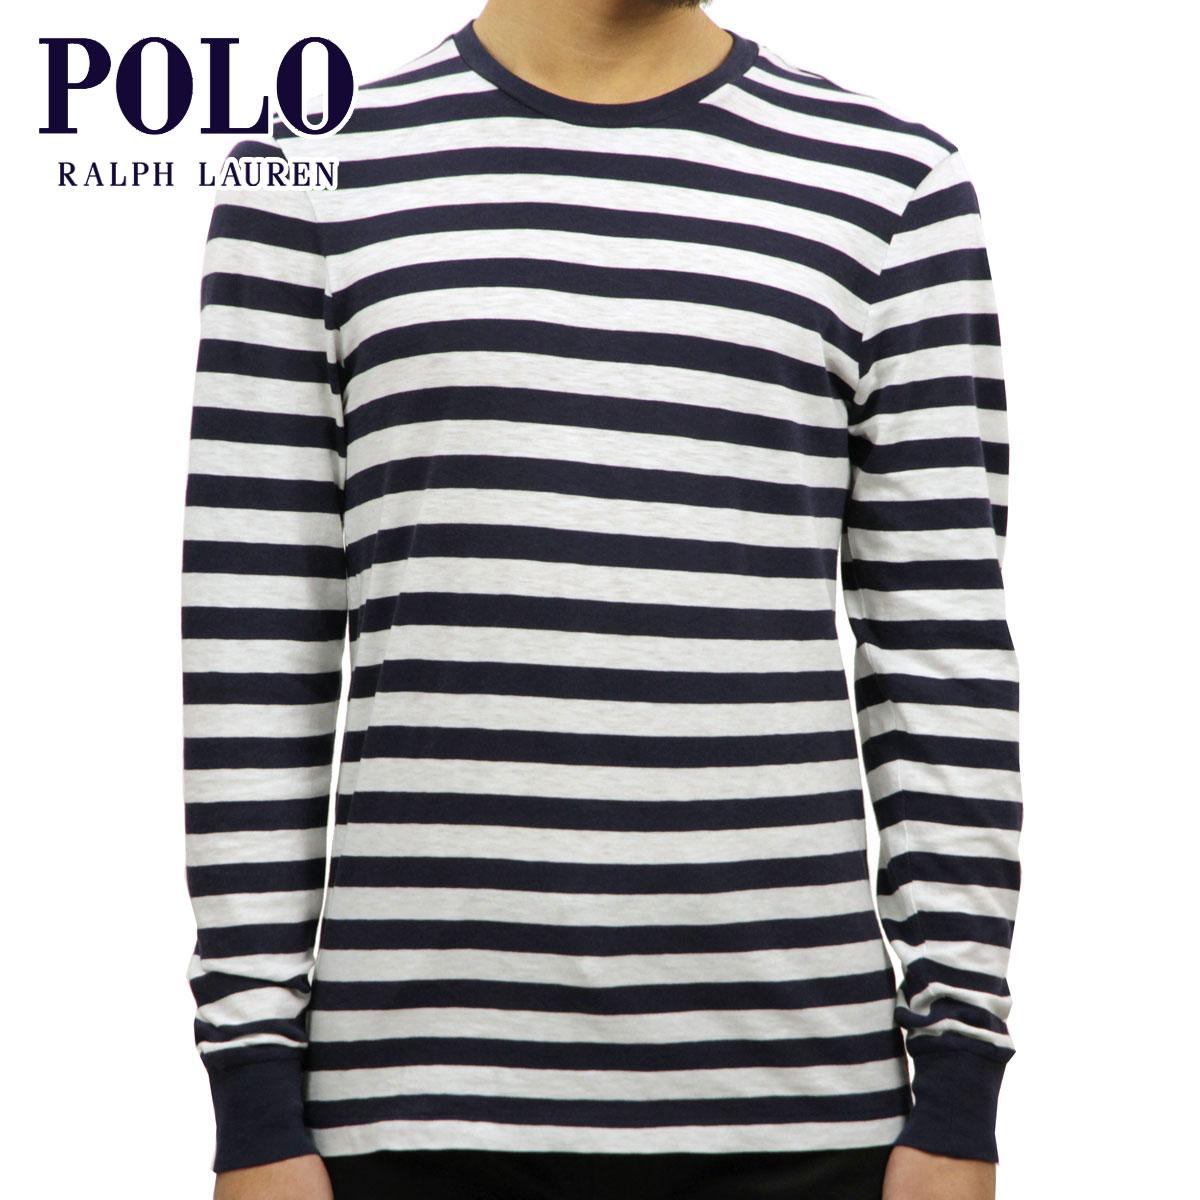 【販売期間 4/2 10:00~4/8 09:59】 ポロ ラルフローレン POLO RALPH LAUREN 正規品 メンズ 長袖Tシャツ Long-Sleeved Jersey T-Shirt D20S30